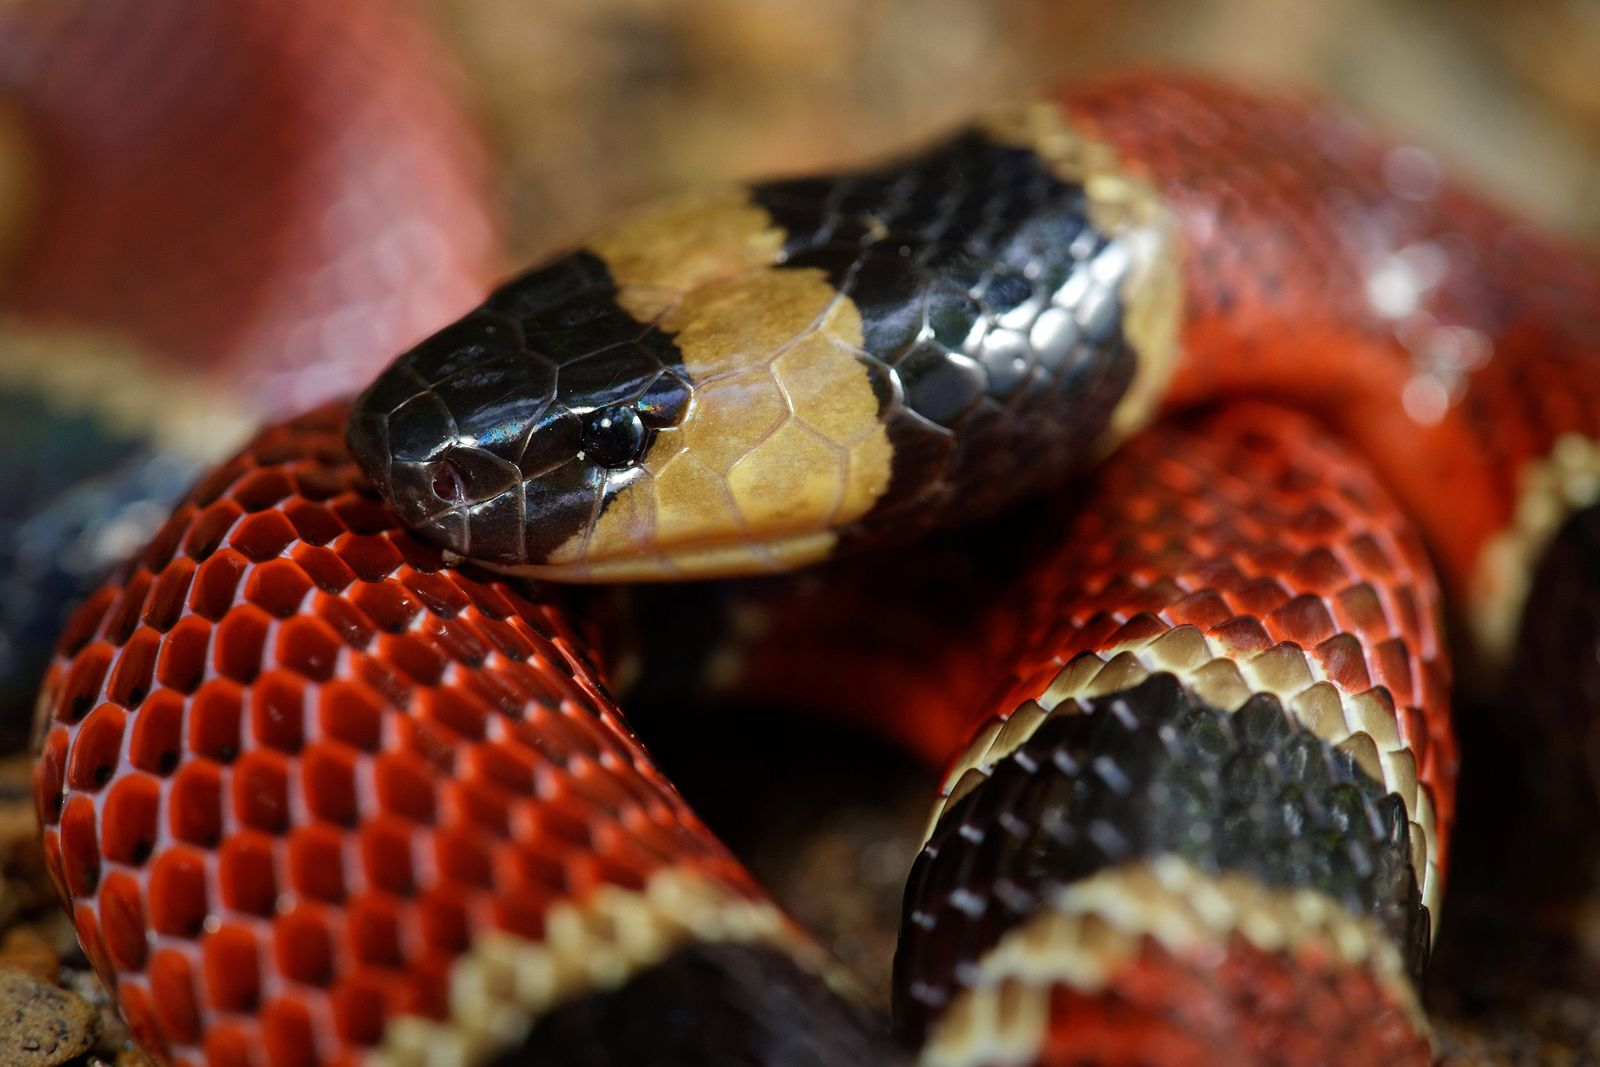 Découverte d'une nouvelle espèce de serpent dans le corps d'un autre serpent